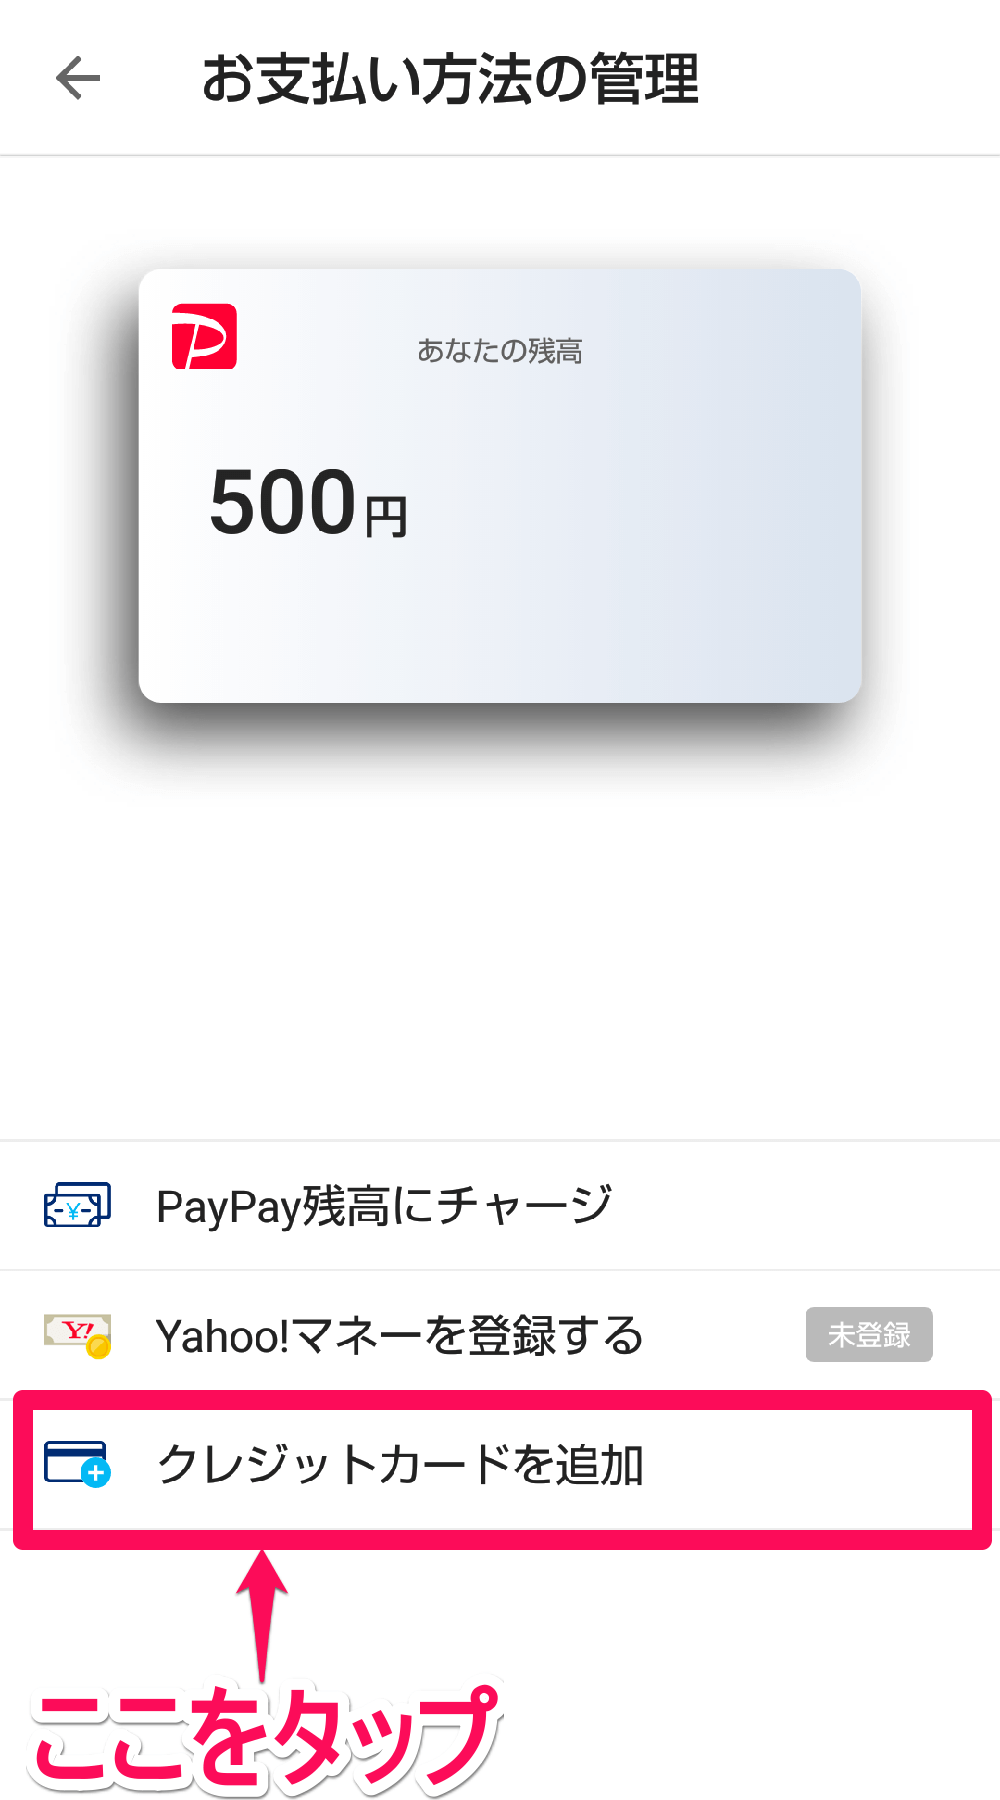 PayPayアプリ(ペイペイアプリ)のお支払い方法の管理画面